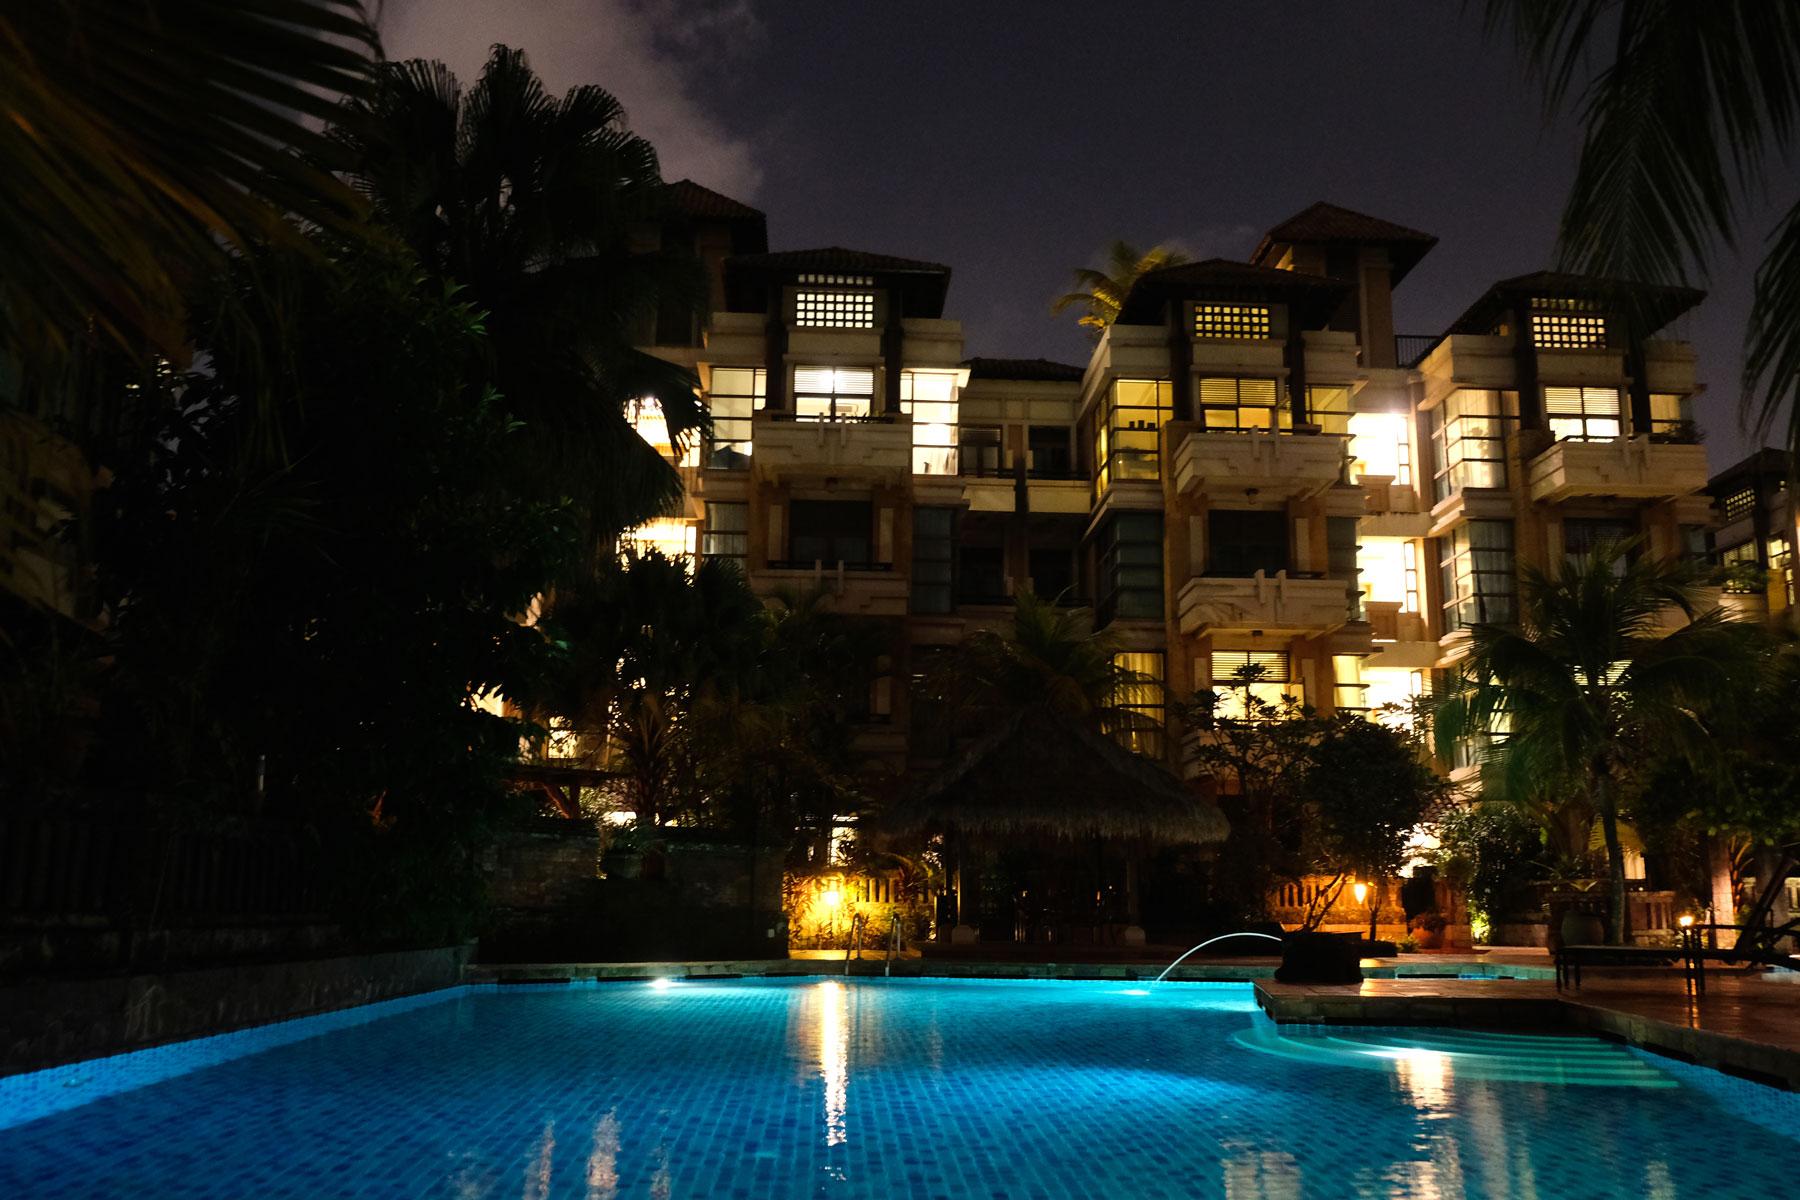 Ein beleuchtete Pool in einer Wohnanlage in Singapur.